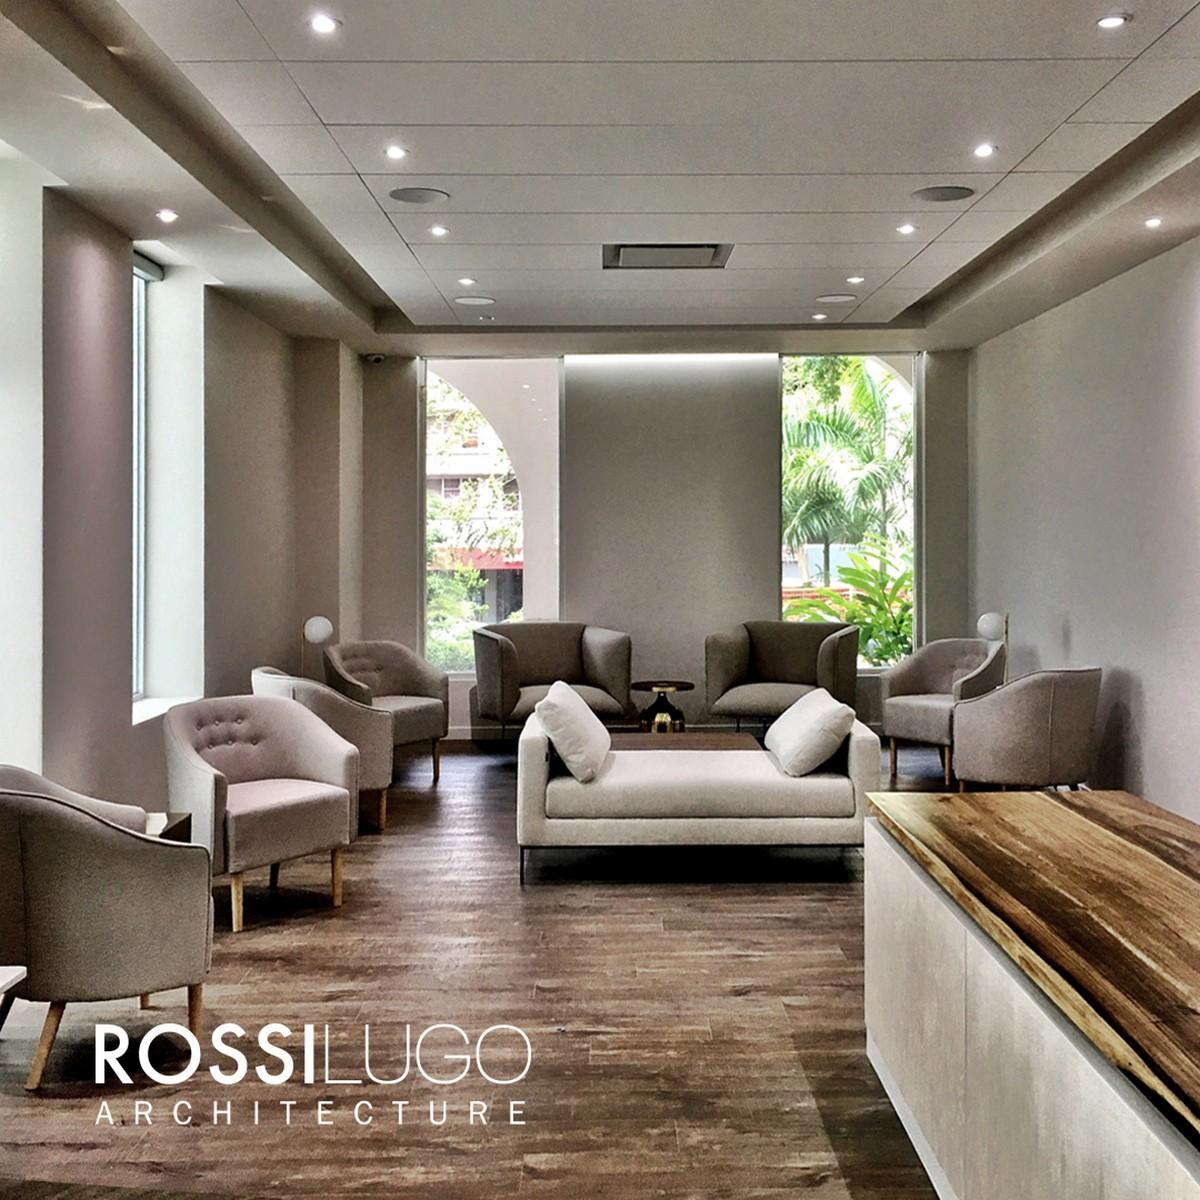 Top 15 Diseñadores de Interiores en San Juan diseñadores de interiores Top 15 Diseñadores de Interiores en San Juan Rossilugo